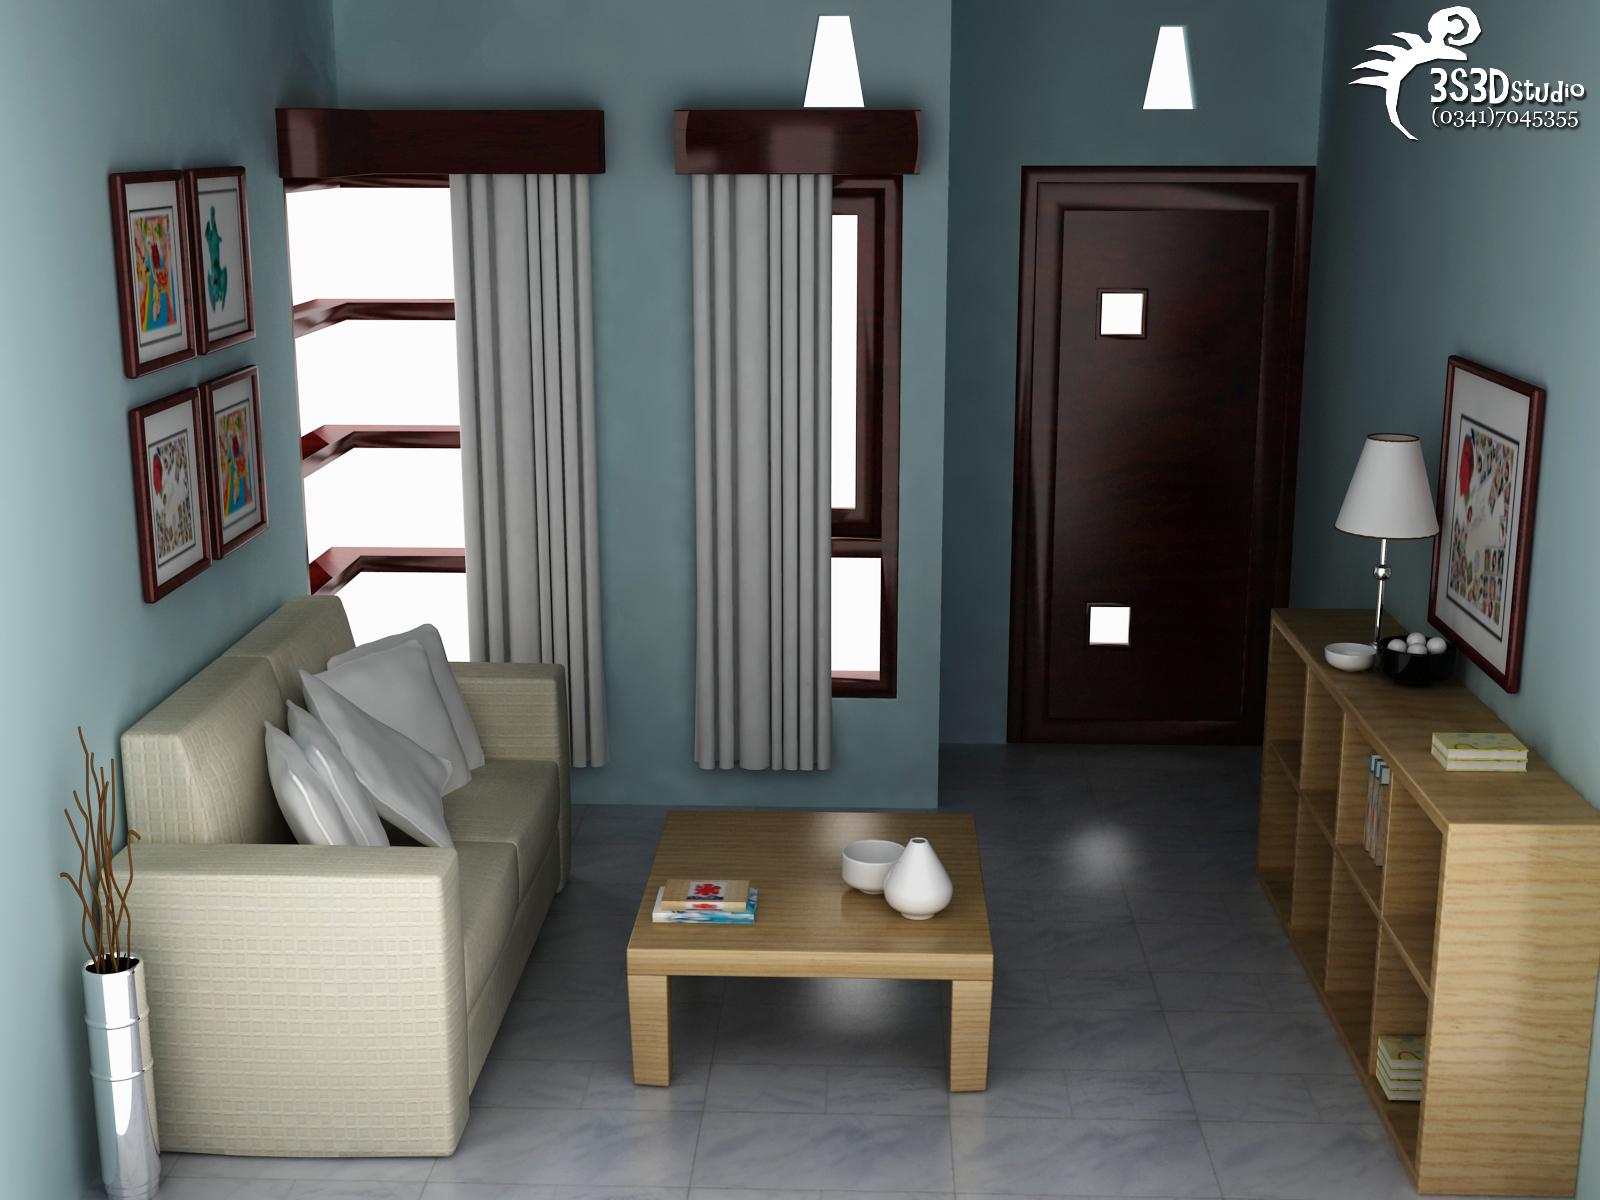 Design interior rumah interior ruang tamu 3 for Interior decoration rumah